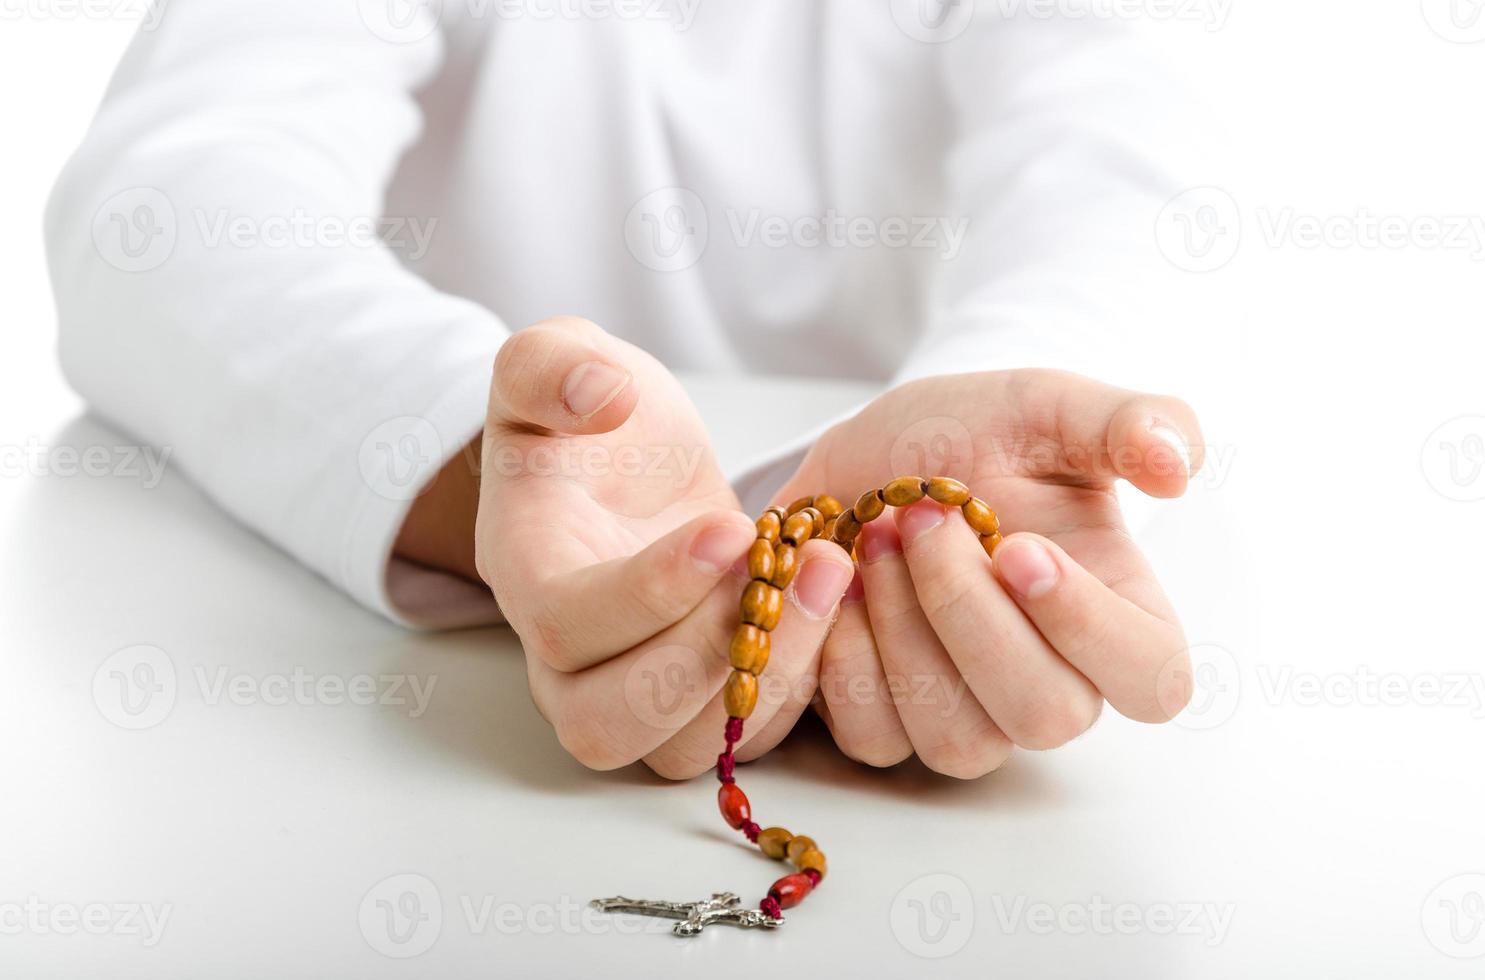 kind handen bieden houten rozenkrans kralen foto